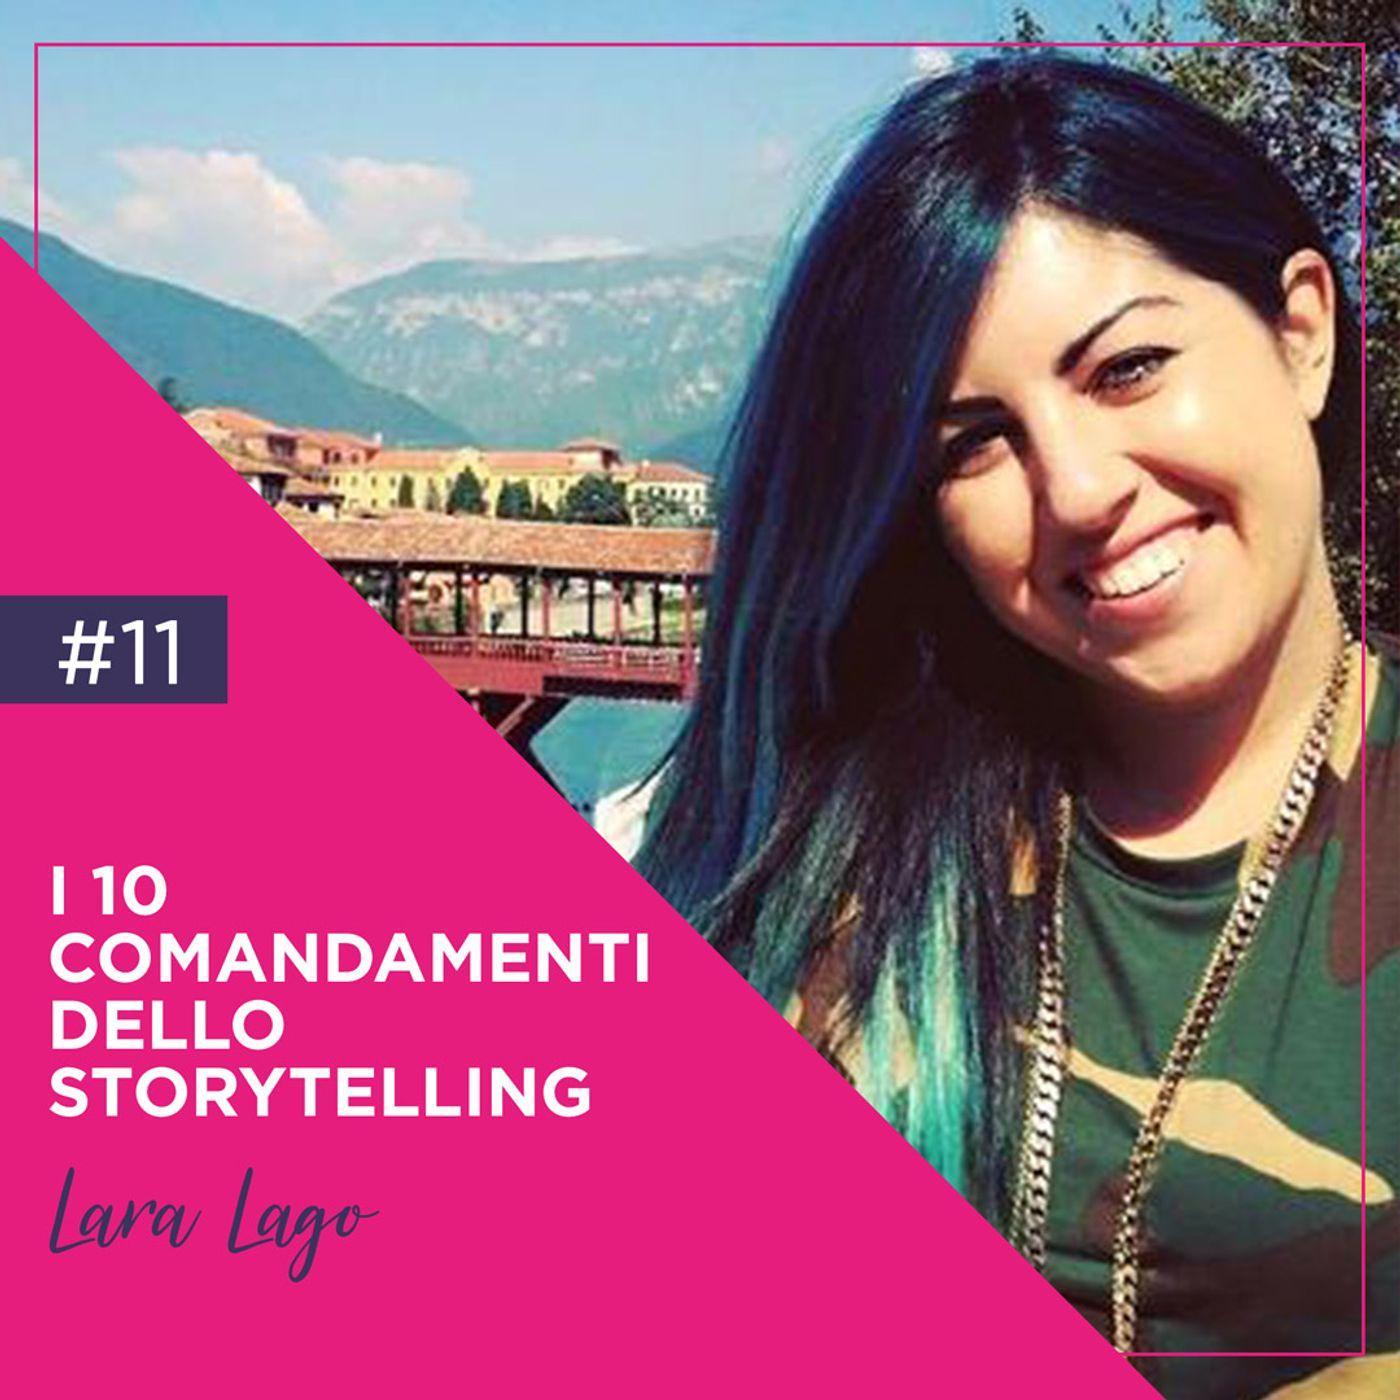 I 10 comandamenti dello Storytelling, con Lara Lago